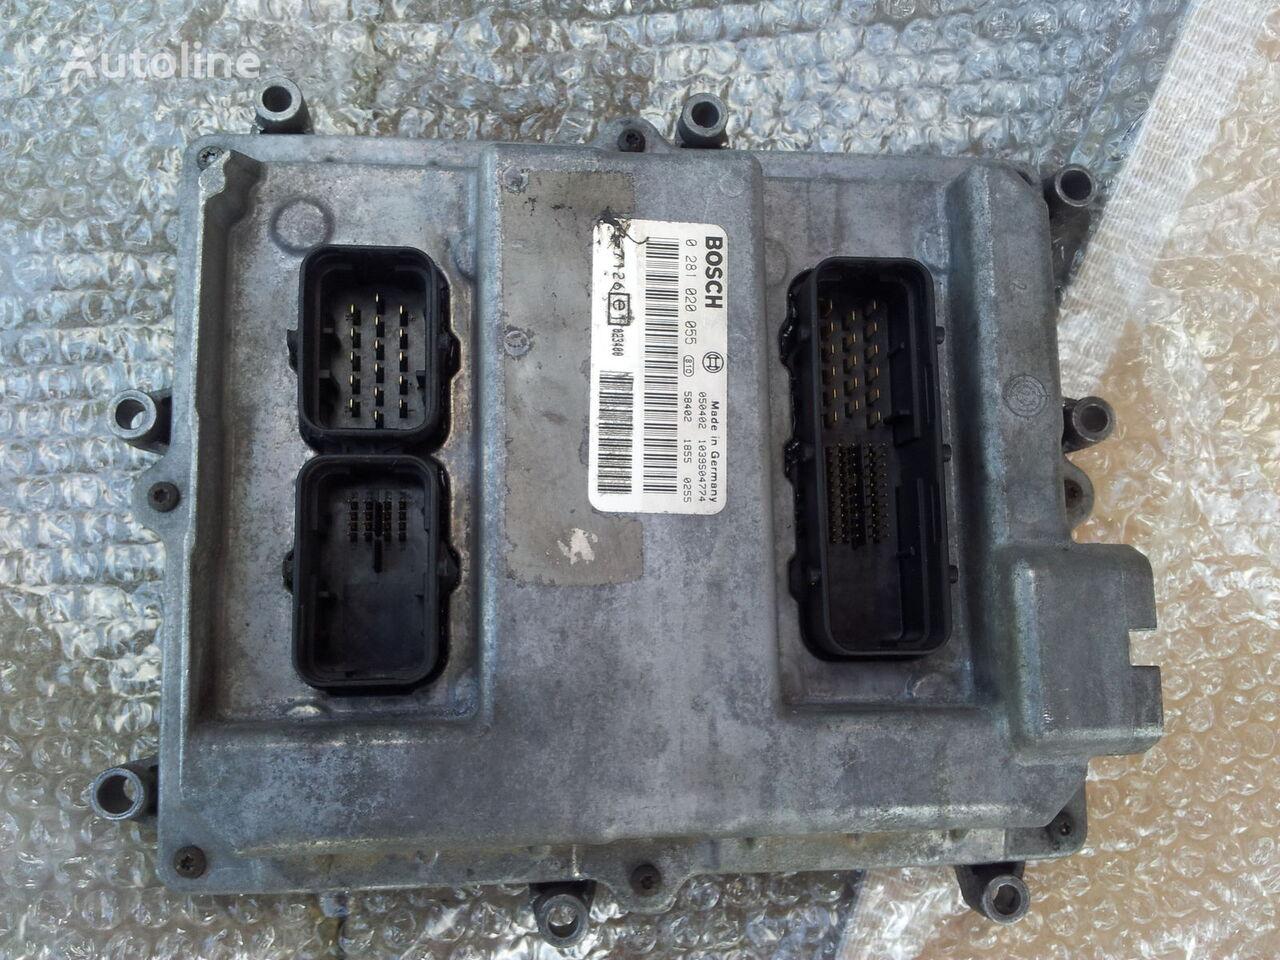 upravljačka jedinica  MAN Common Rail EDC, ECU electronic diesel control 0281020055, D2066LF01, 51258037126, 51258337169, 51258037127, 51258337168 za tegljača MAN TGA